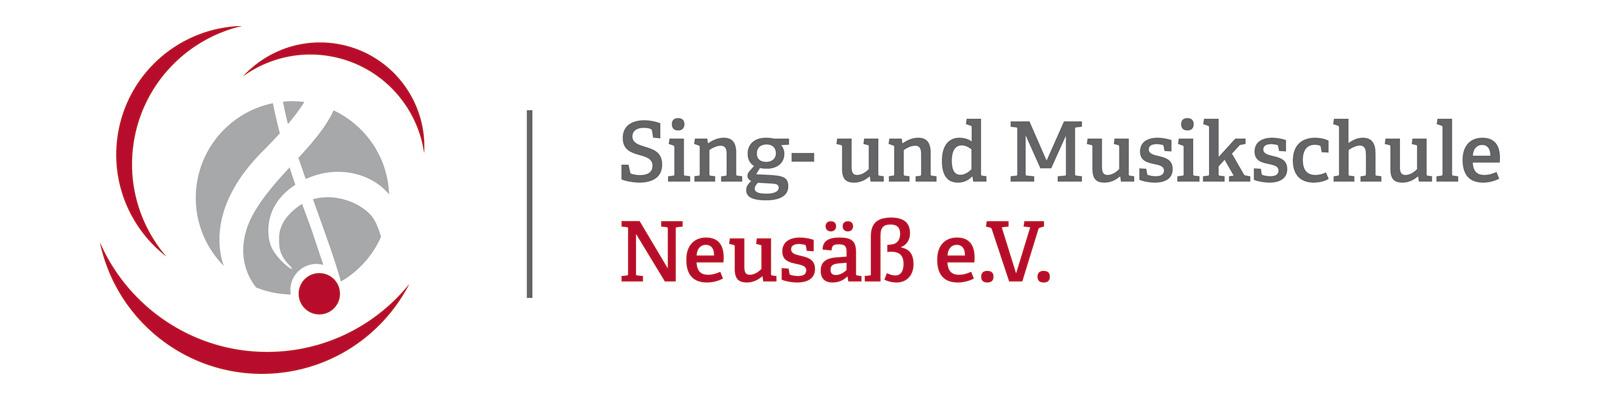 Logo der Sing- und Musikschule Neusäß.